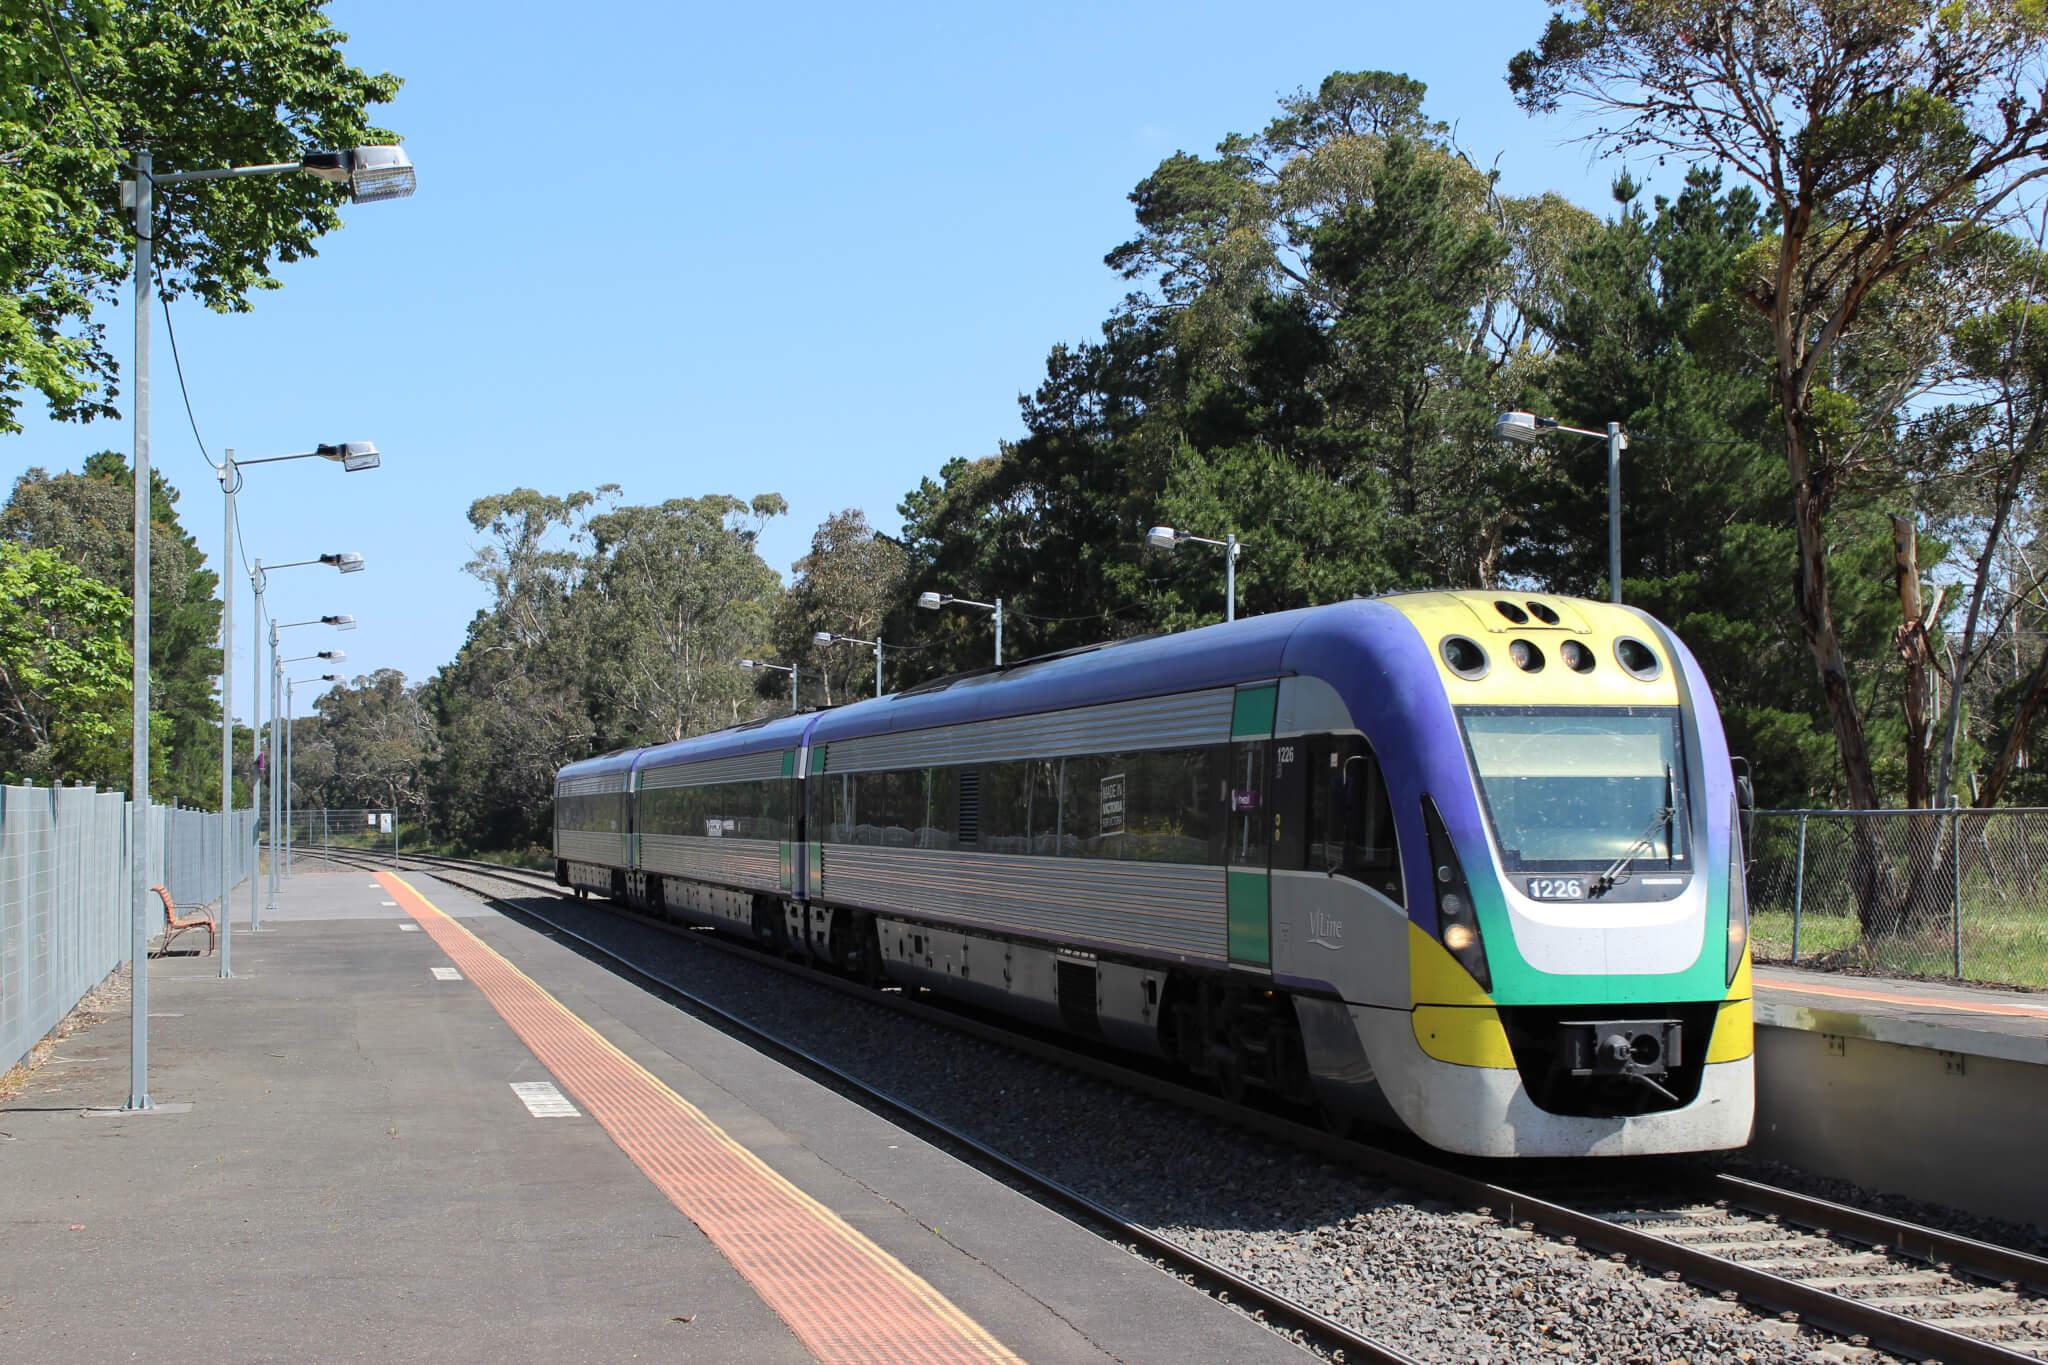 Train in Australia